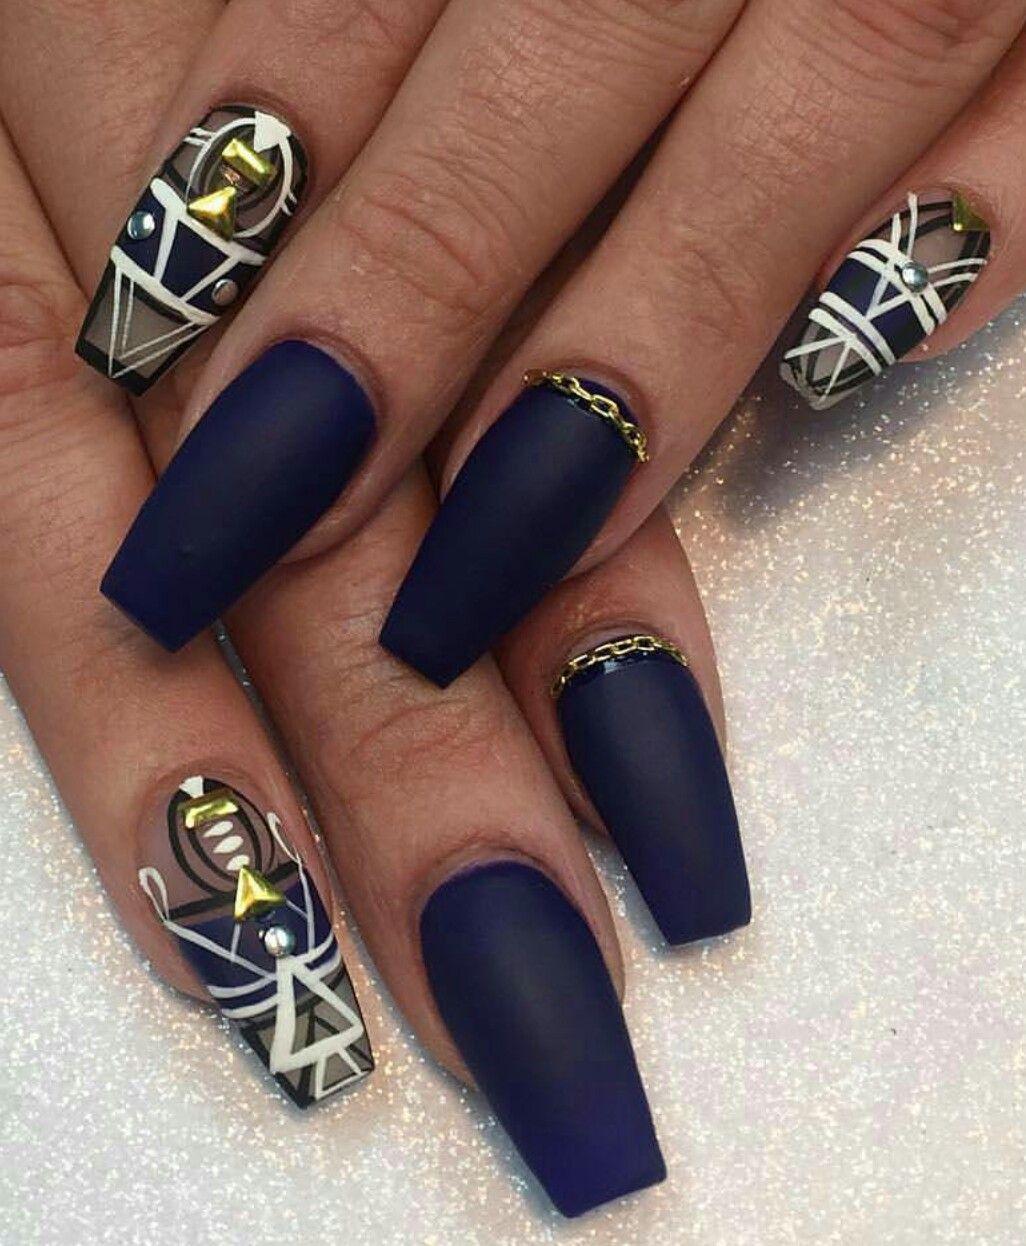 Matte navy nails design - Matte Navy Nails Design Aztec Nails Pinterest Navy Nails